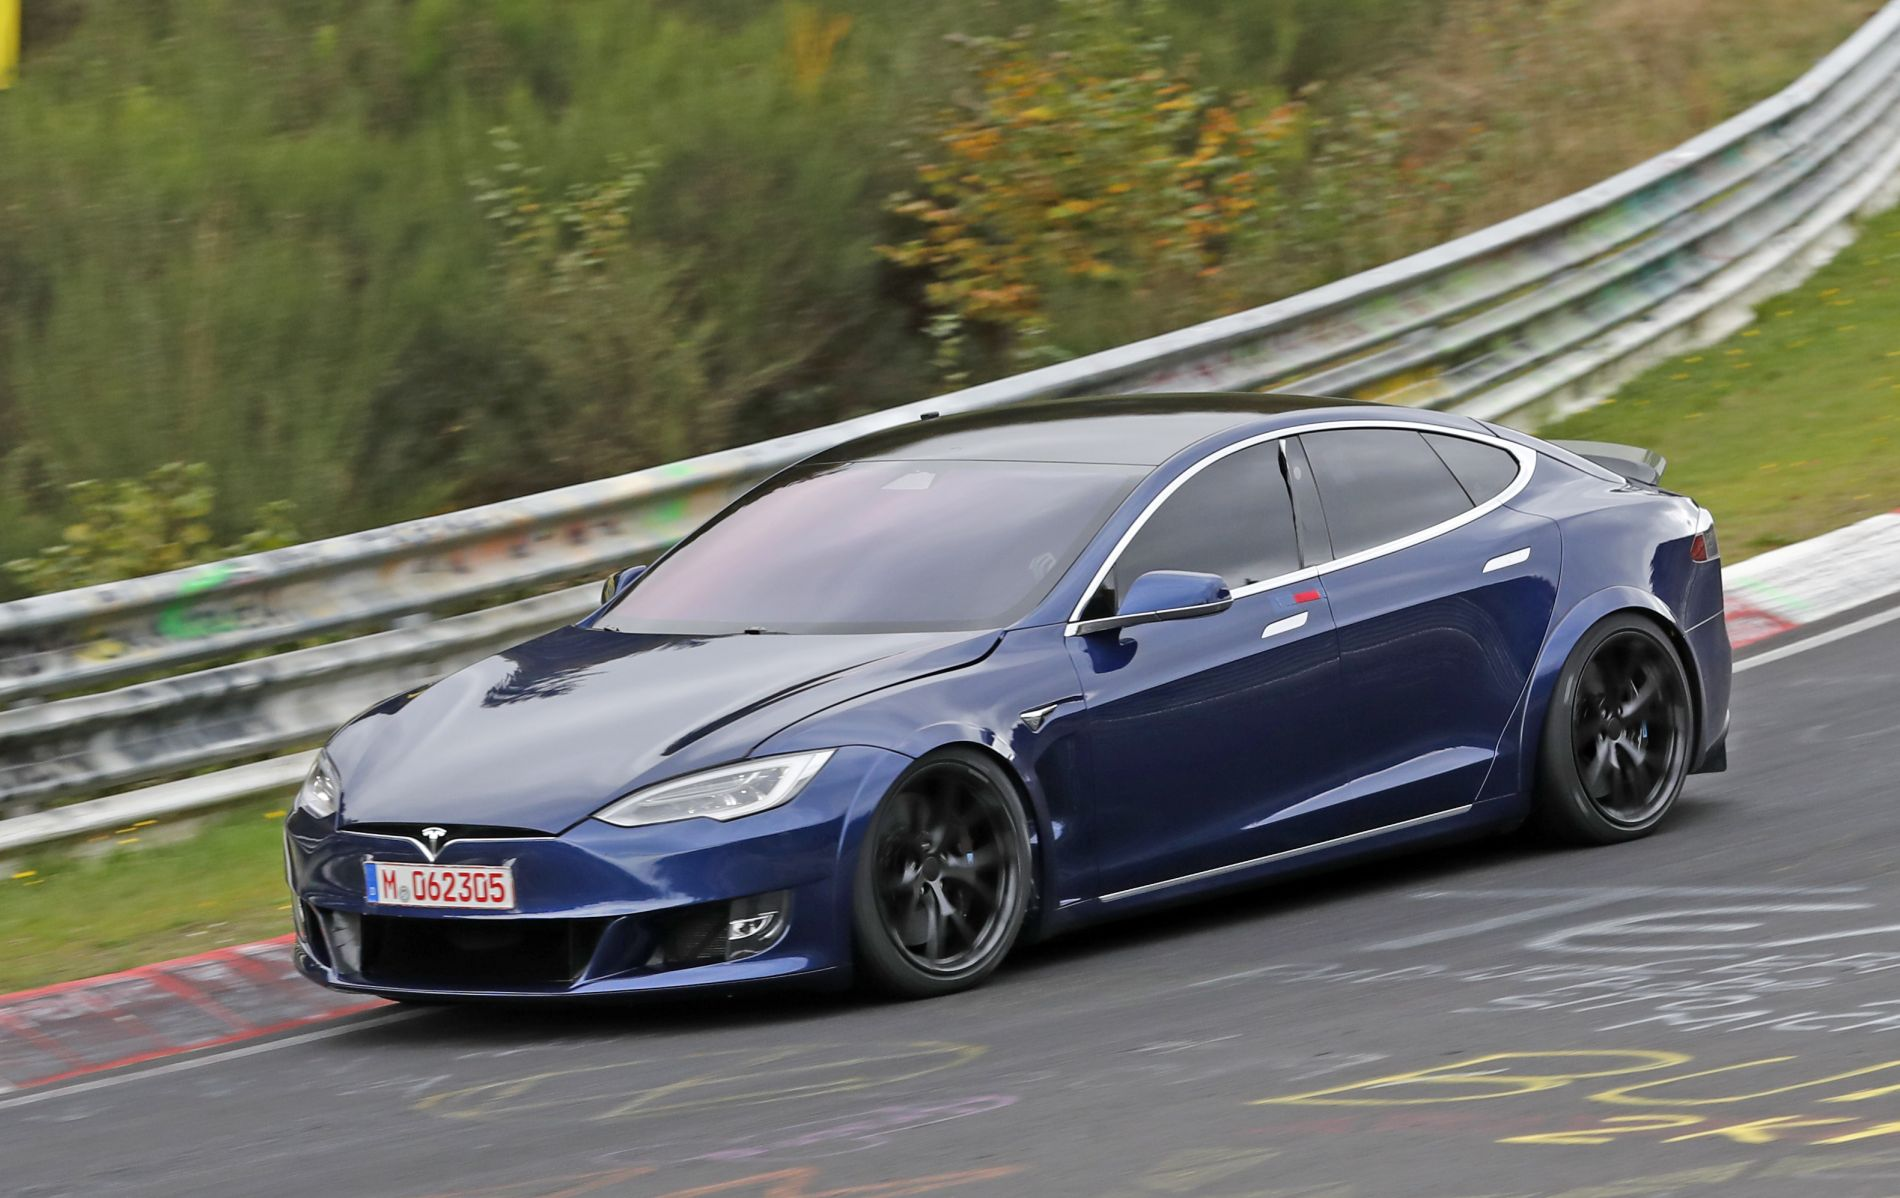 ილონ მასკმა ყველაზე სწრაფი Model S Plaid დაანონსა